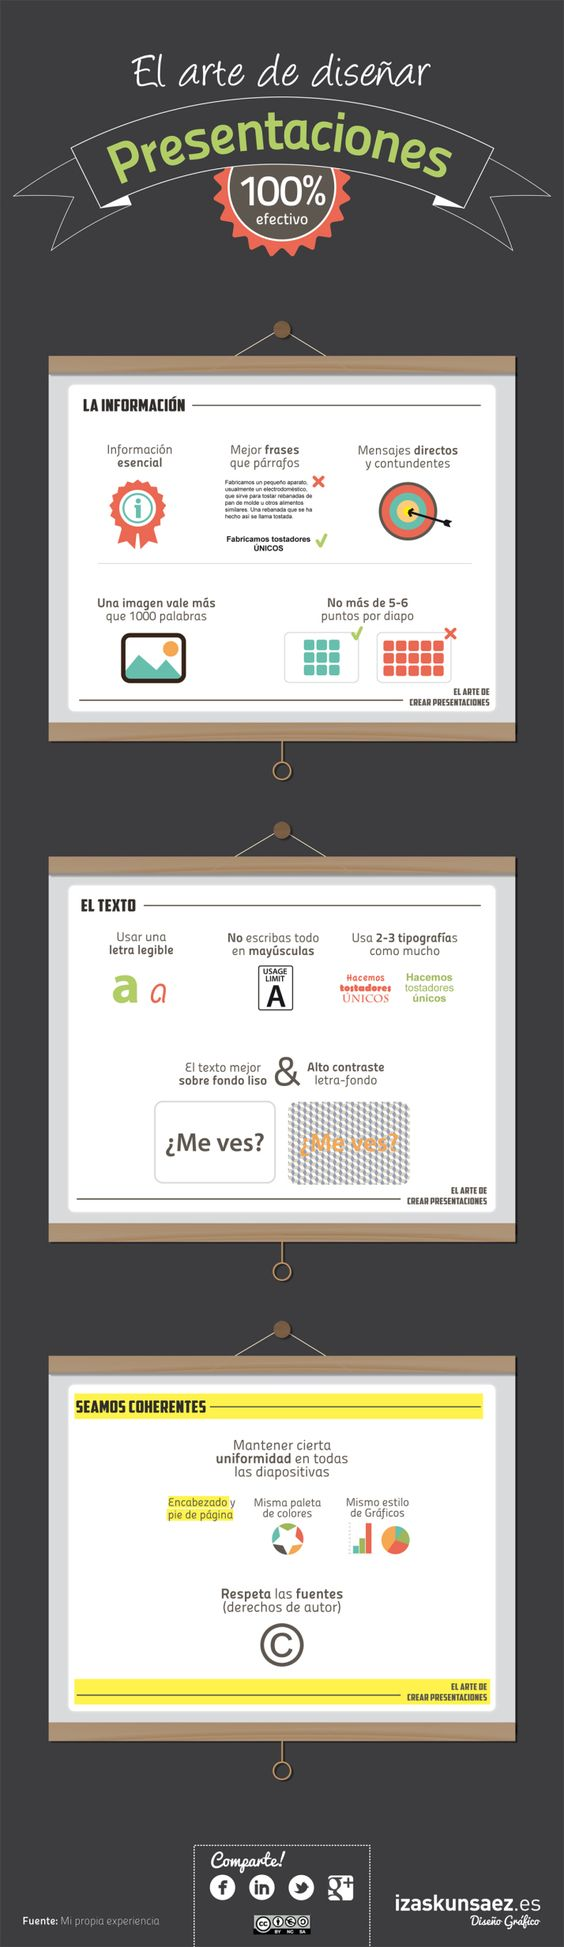 El arte de diseñar buenas presentaciones #infografia #infographic #marketing: